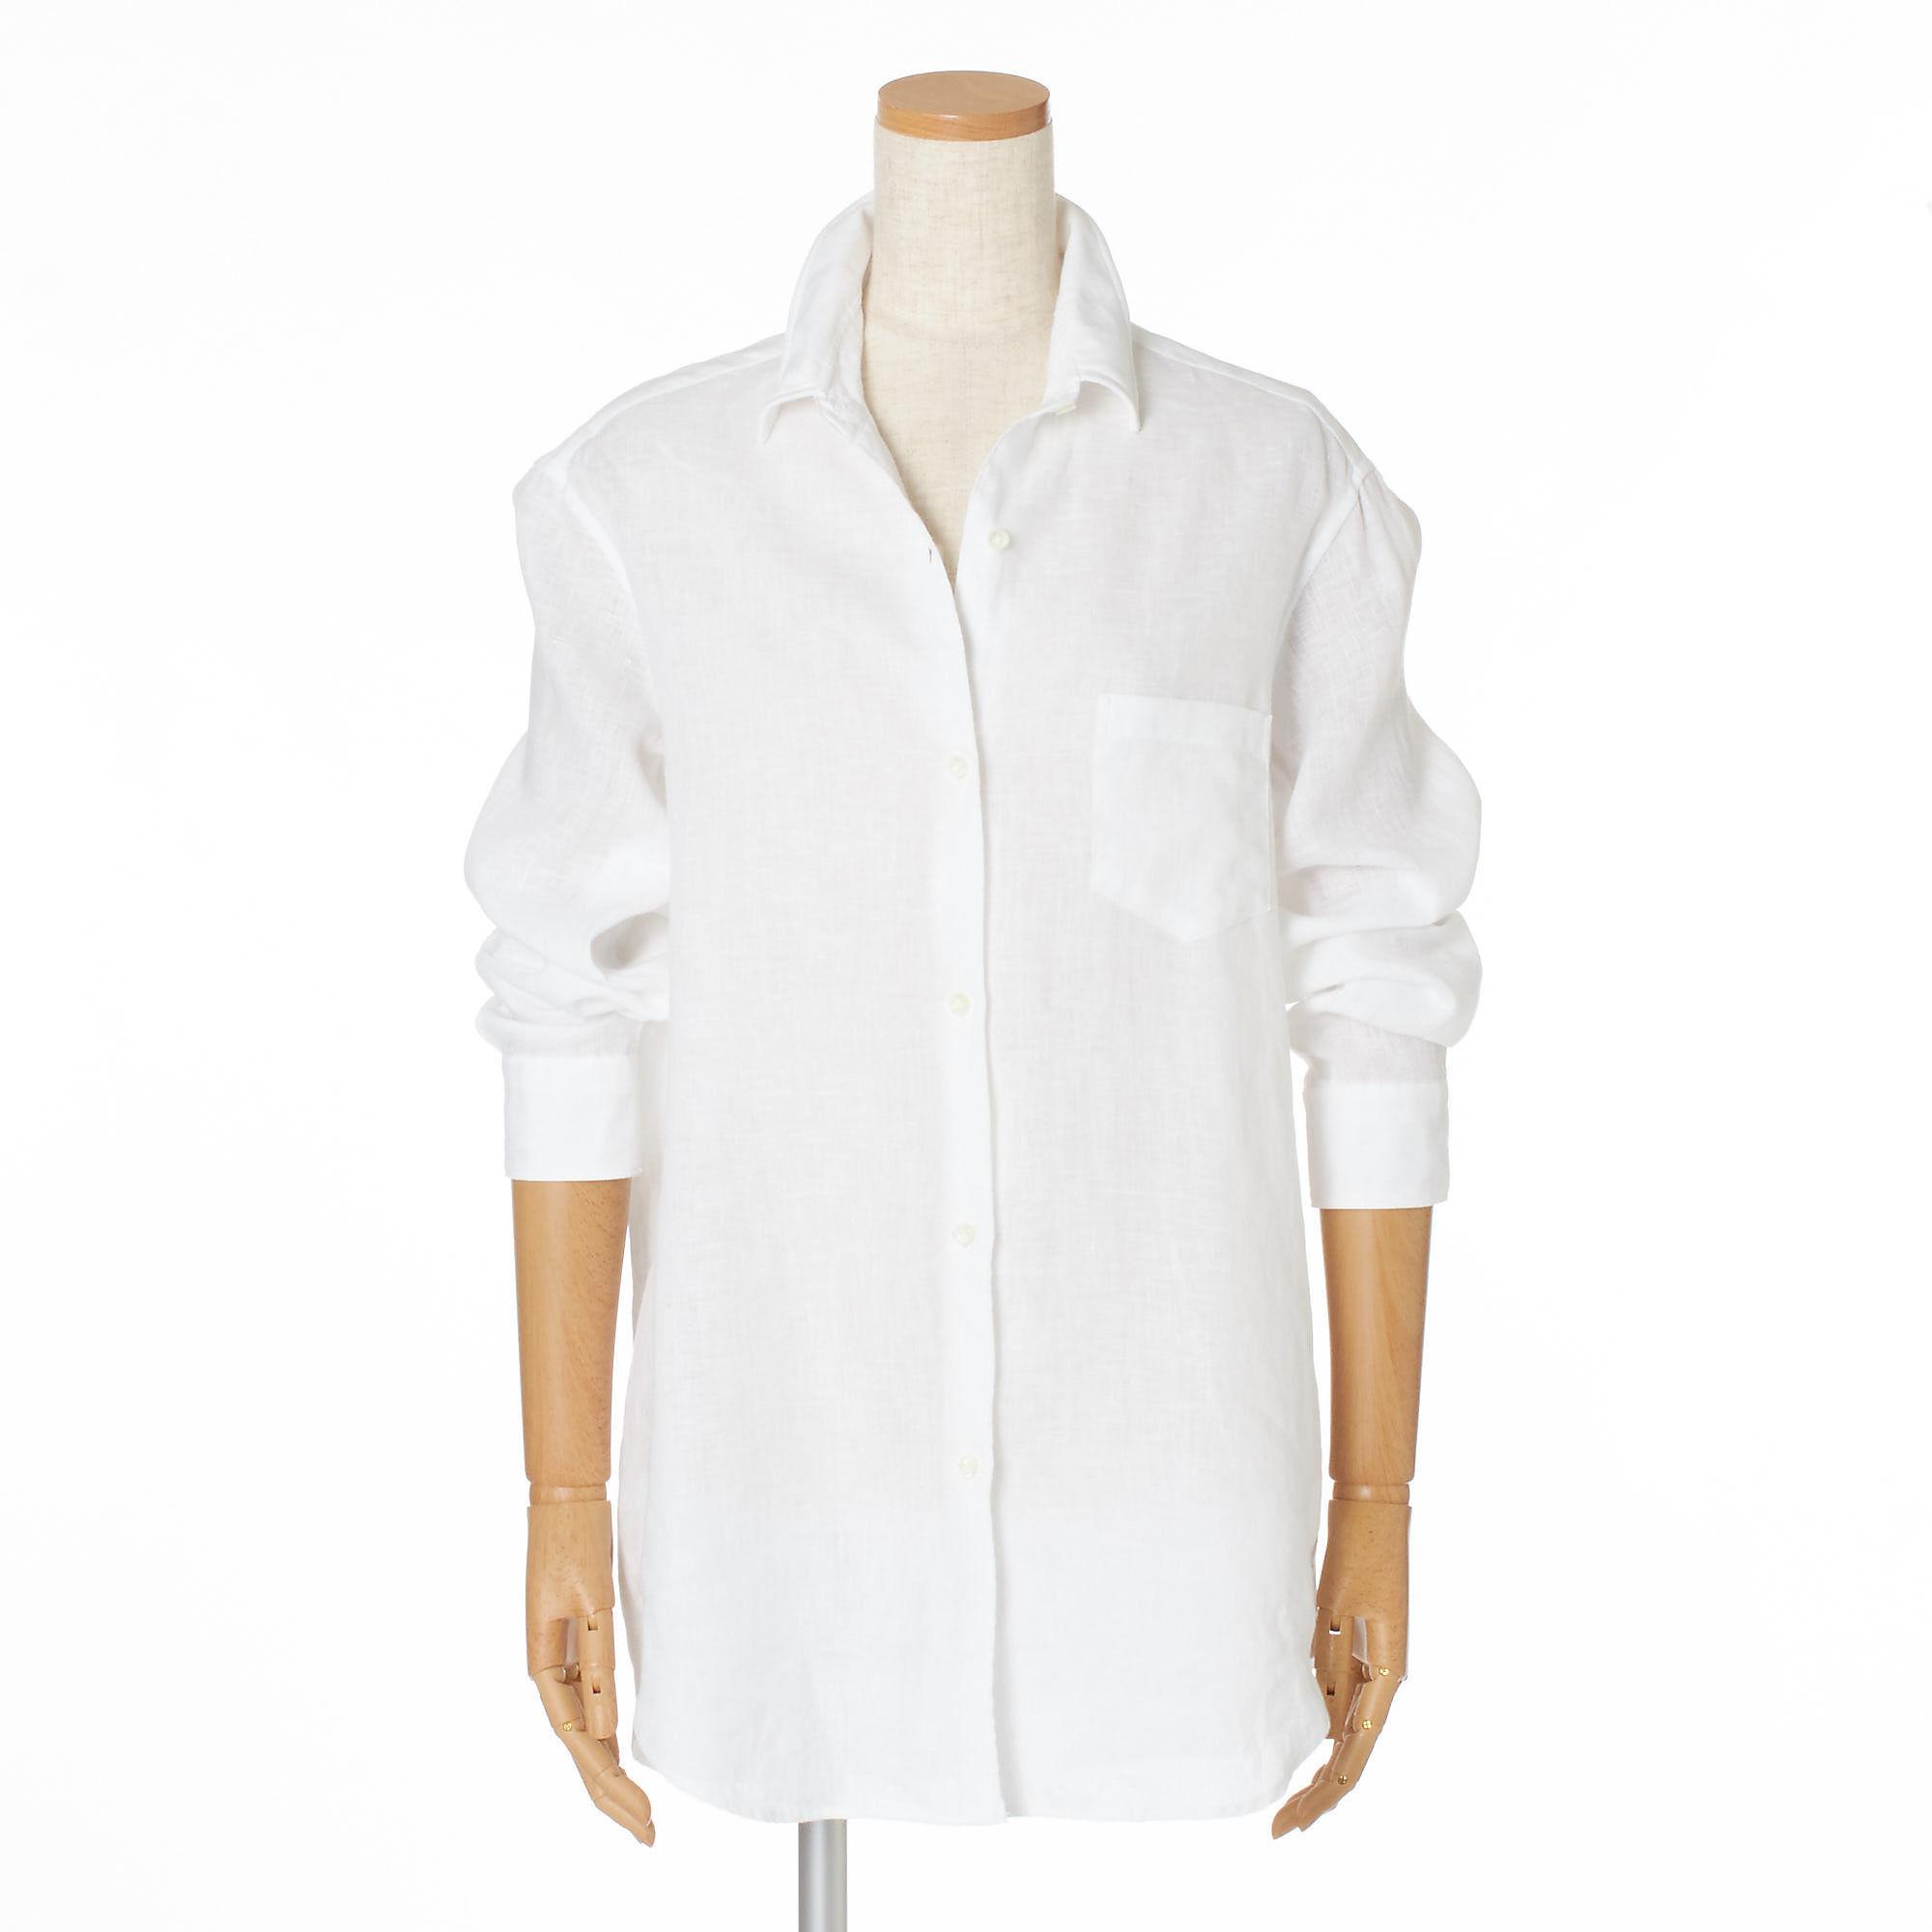 リラクシーな中に女らしさを感じさせて「Deuxième Classe」のリネンシャツ&プリーツパンツ_1_4